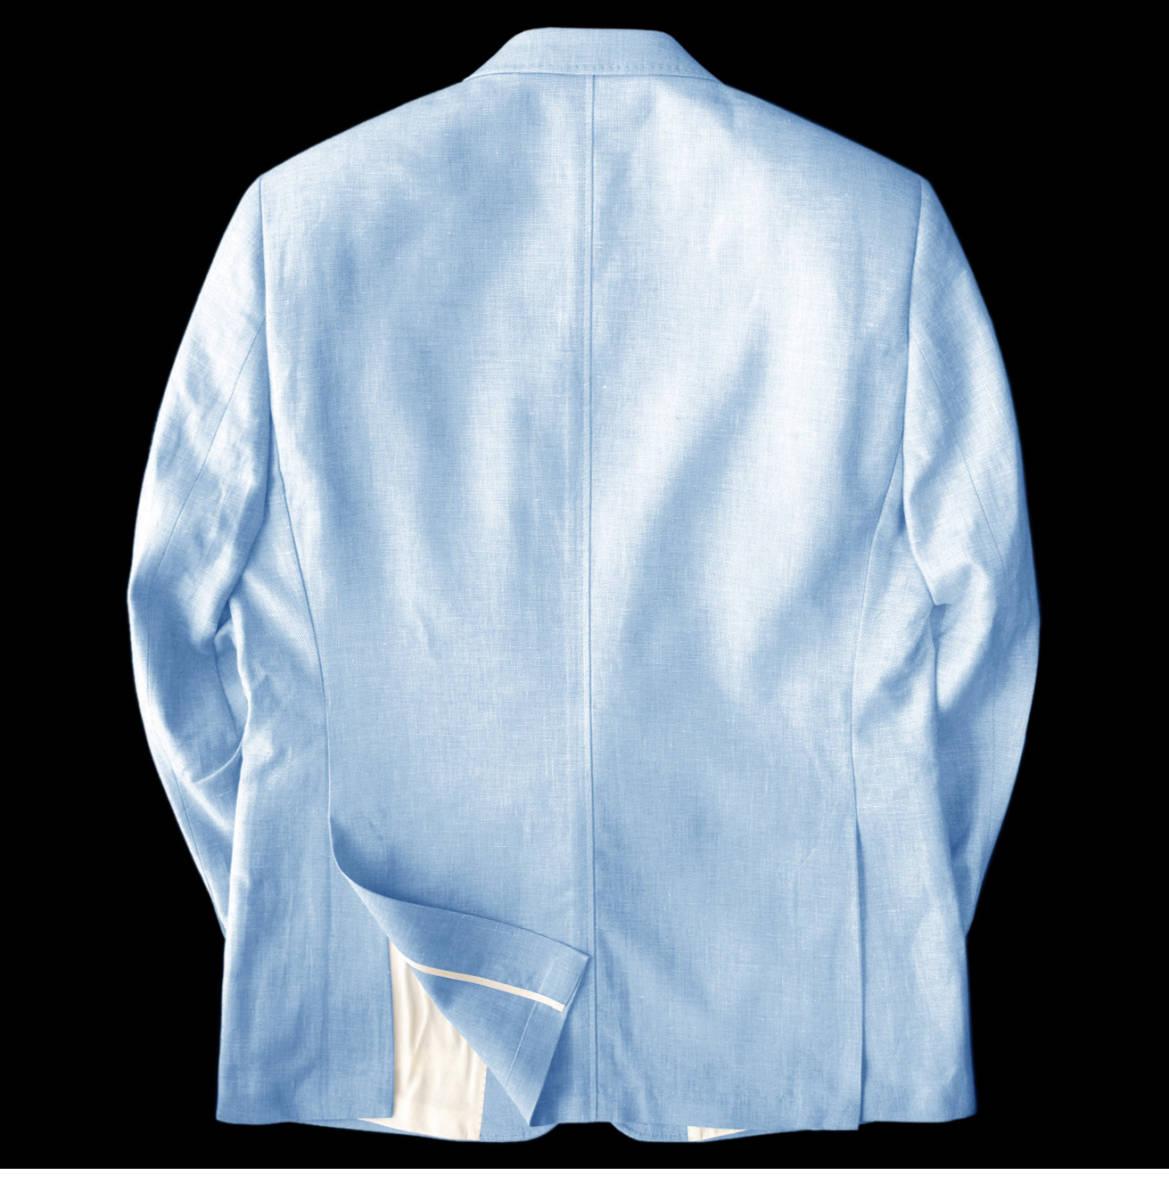 ◆新品 本物◆MOSS 1851 2釦 ジャケット 7万8千円 ◆◆ 麻 & コットン素材 ◆◆_画像2